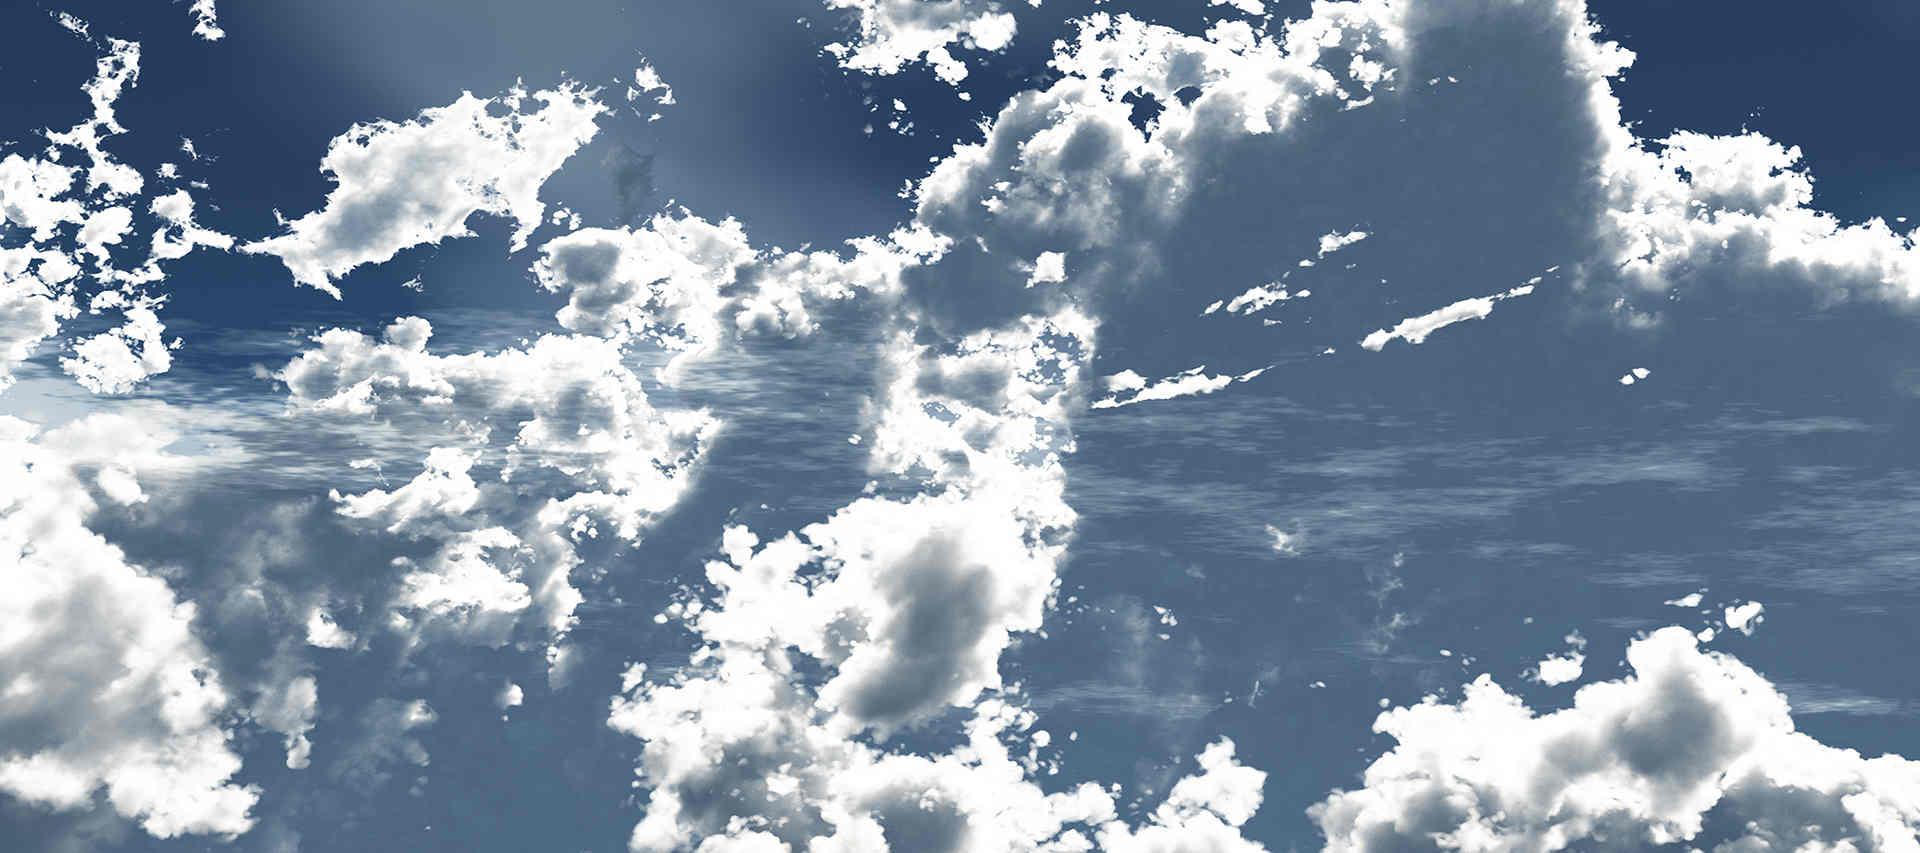 sol_c30_ls_s.jpg